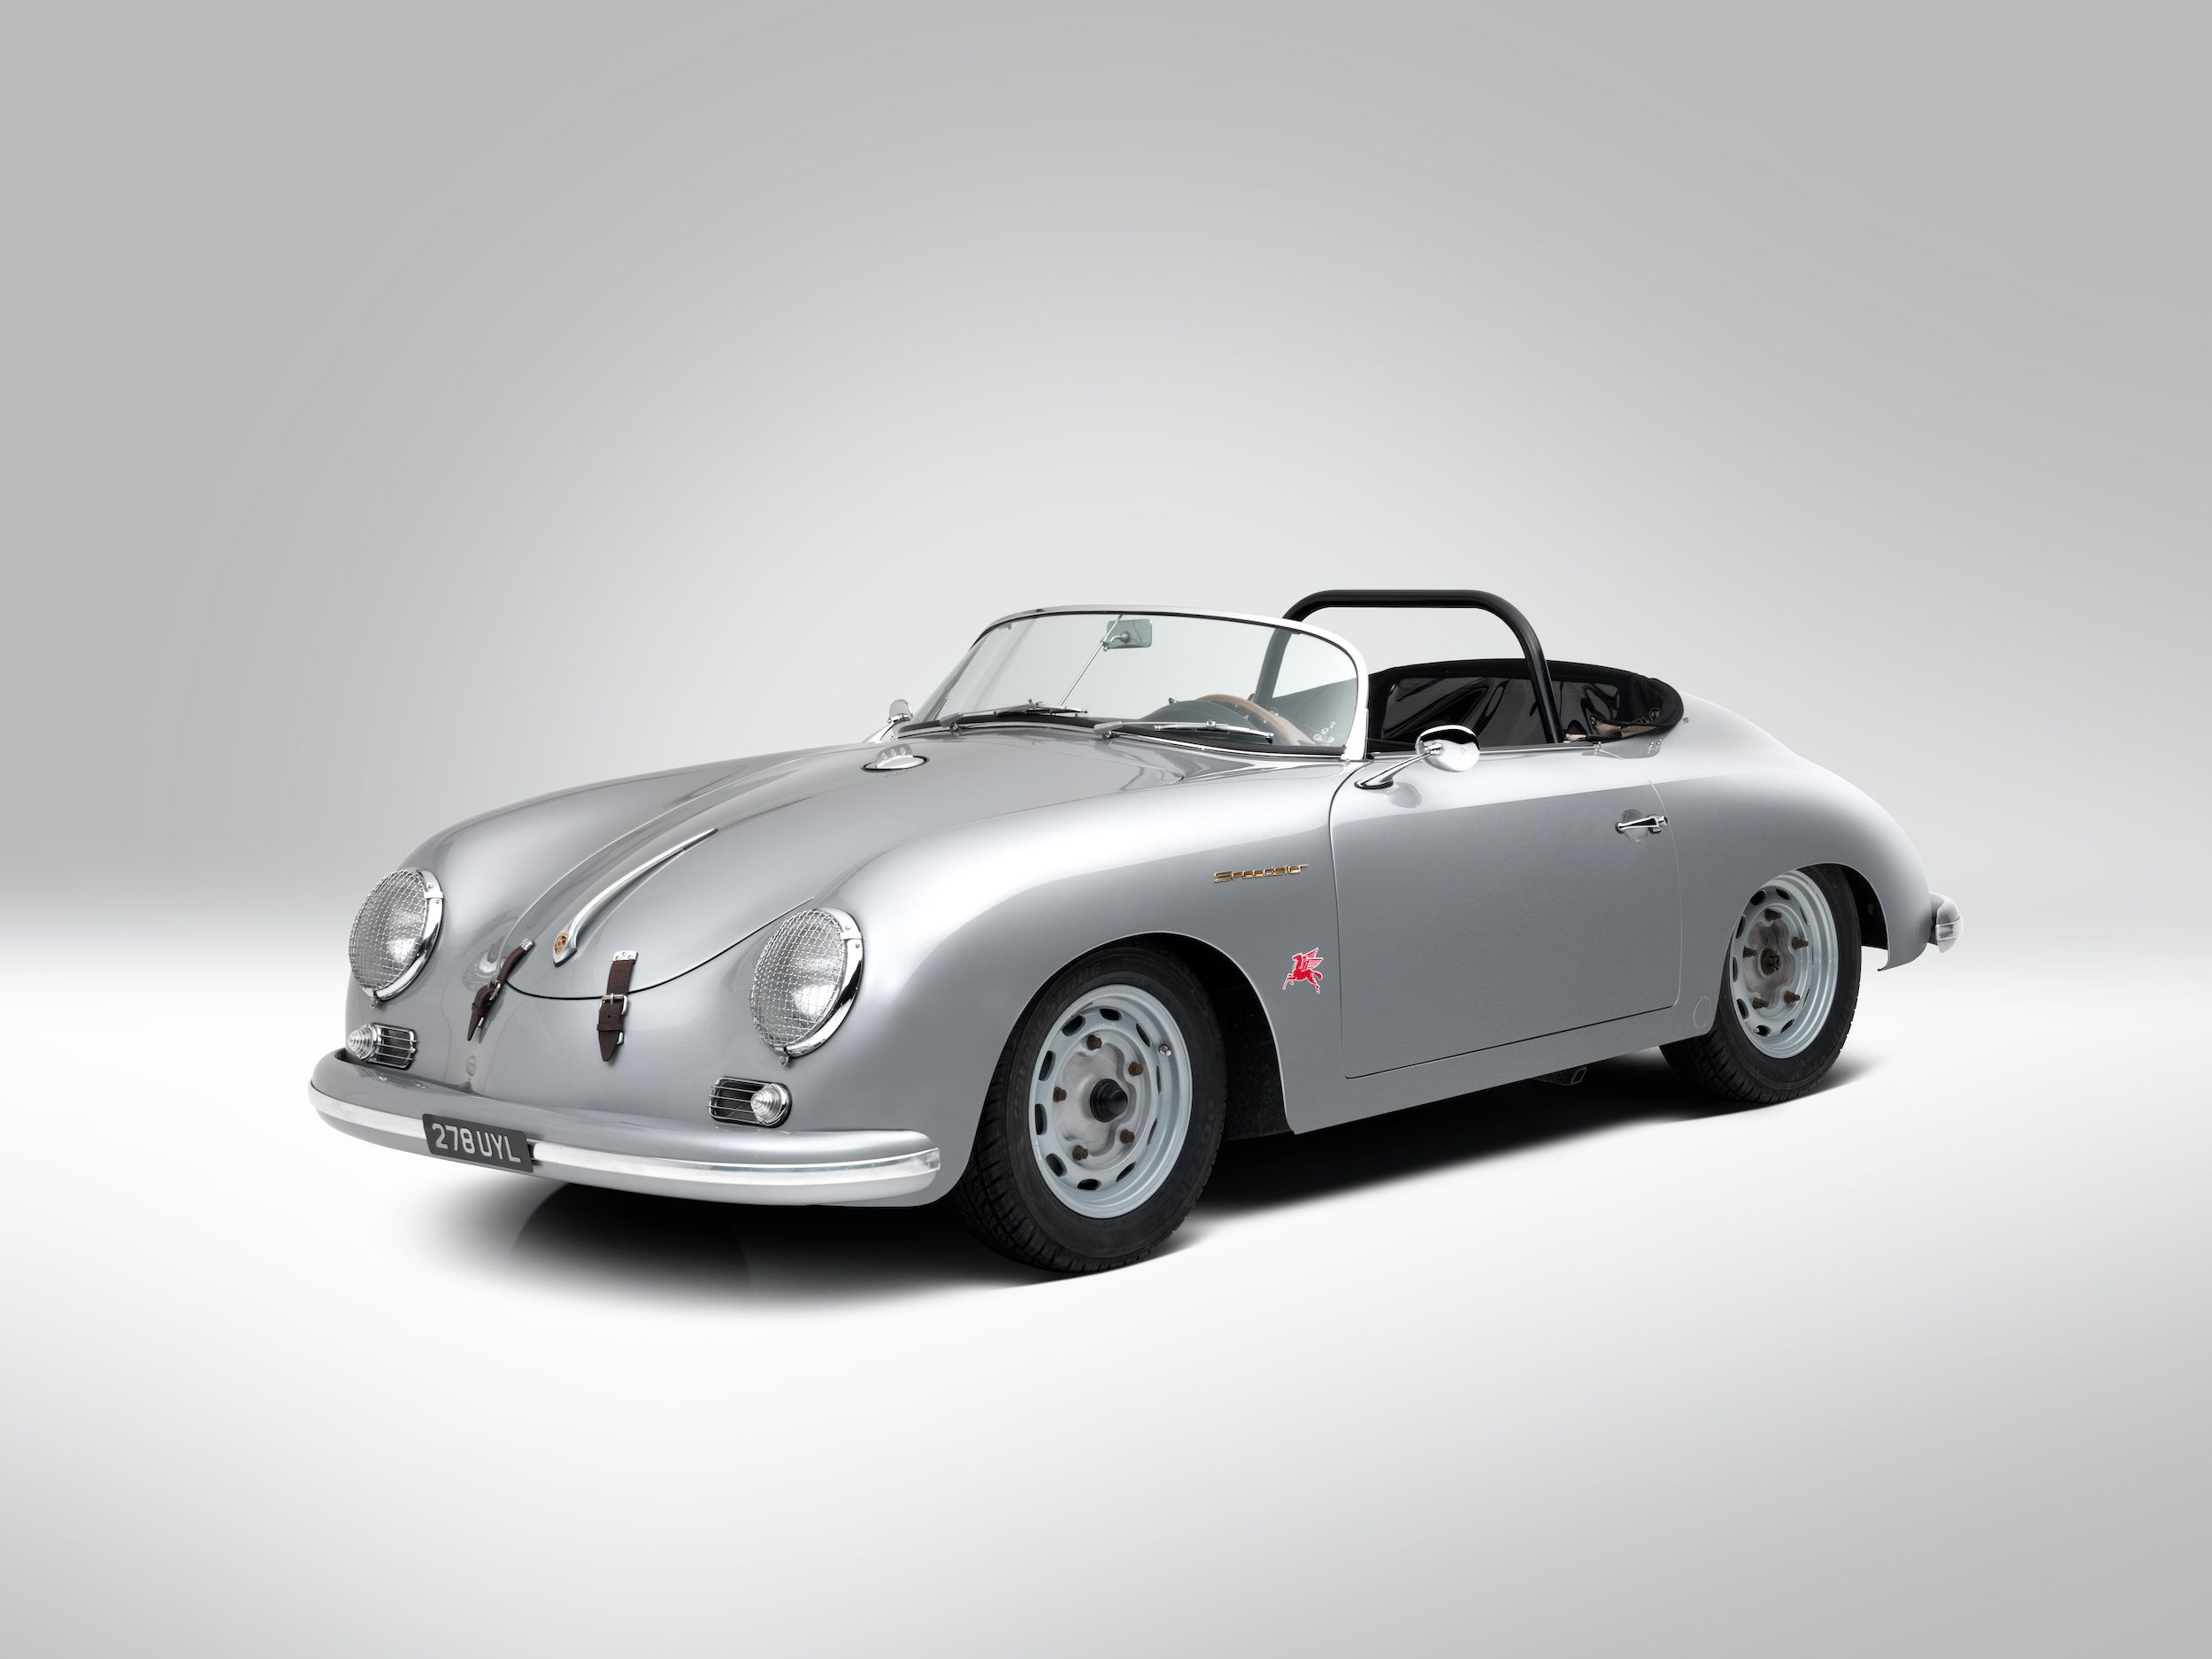 1958 porsche 356 a 1600 super speedster [ 2500 x 1875 Pixel ]